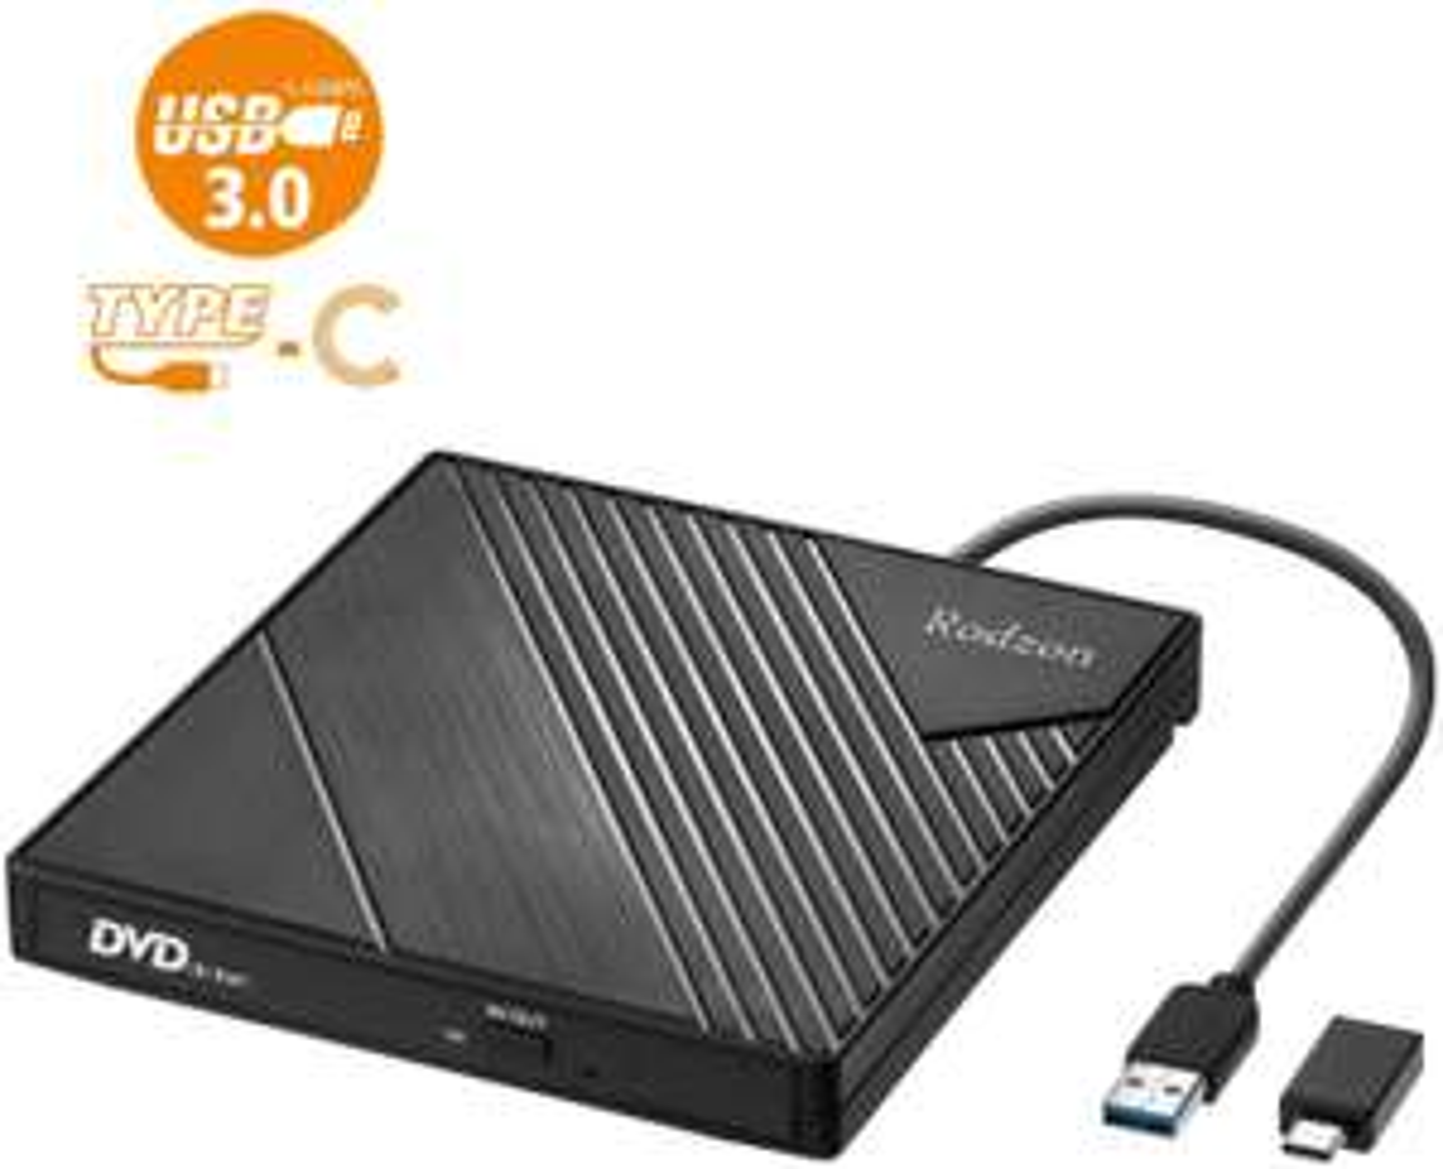 [Prime] Lecteur/graveur CD/DVD externe USB 3.0 + adaptateur USB C (vendeur tiers)